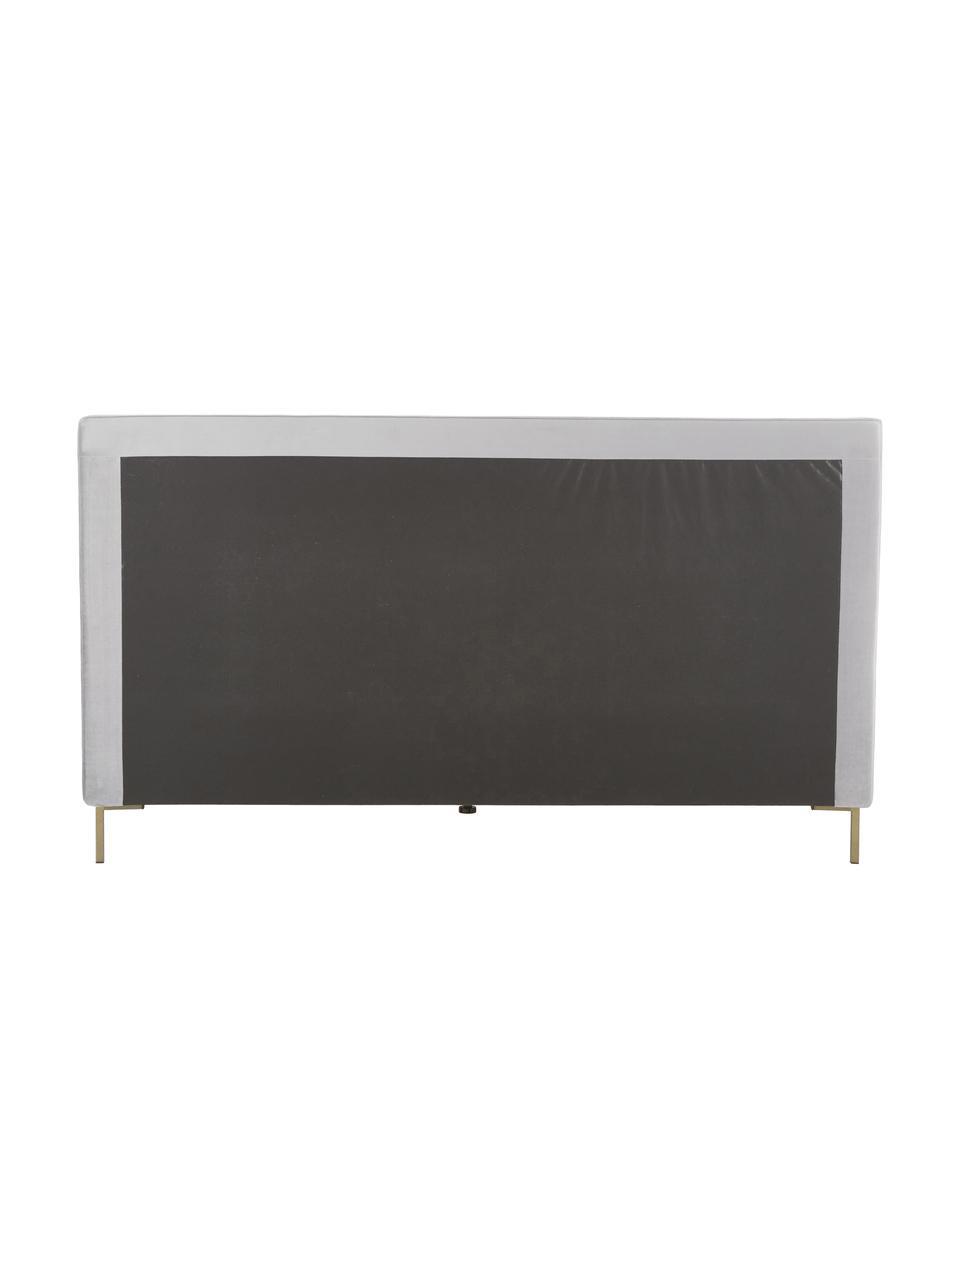 Gestoffeerd fluwelen bed Peace, Frame: massief grenenhout, Poten: gepoedercoat metaal, Bekleding: polyester fluweel, Fluweel lichtgrijs, 200 x 200 cm